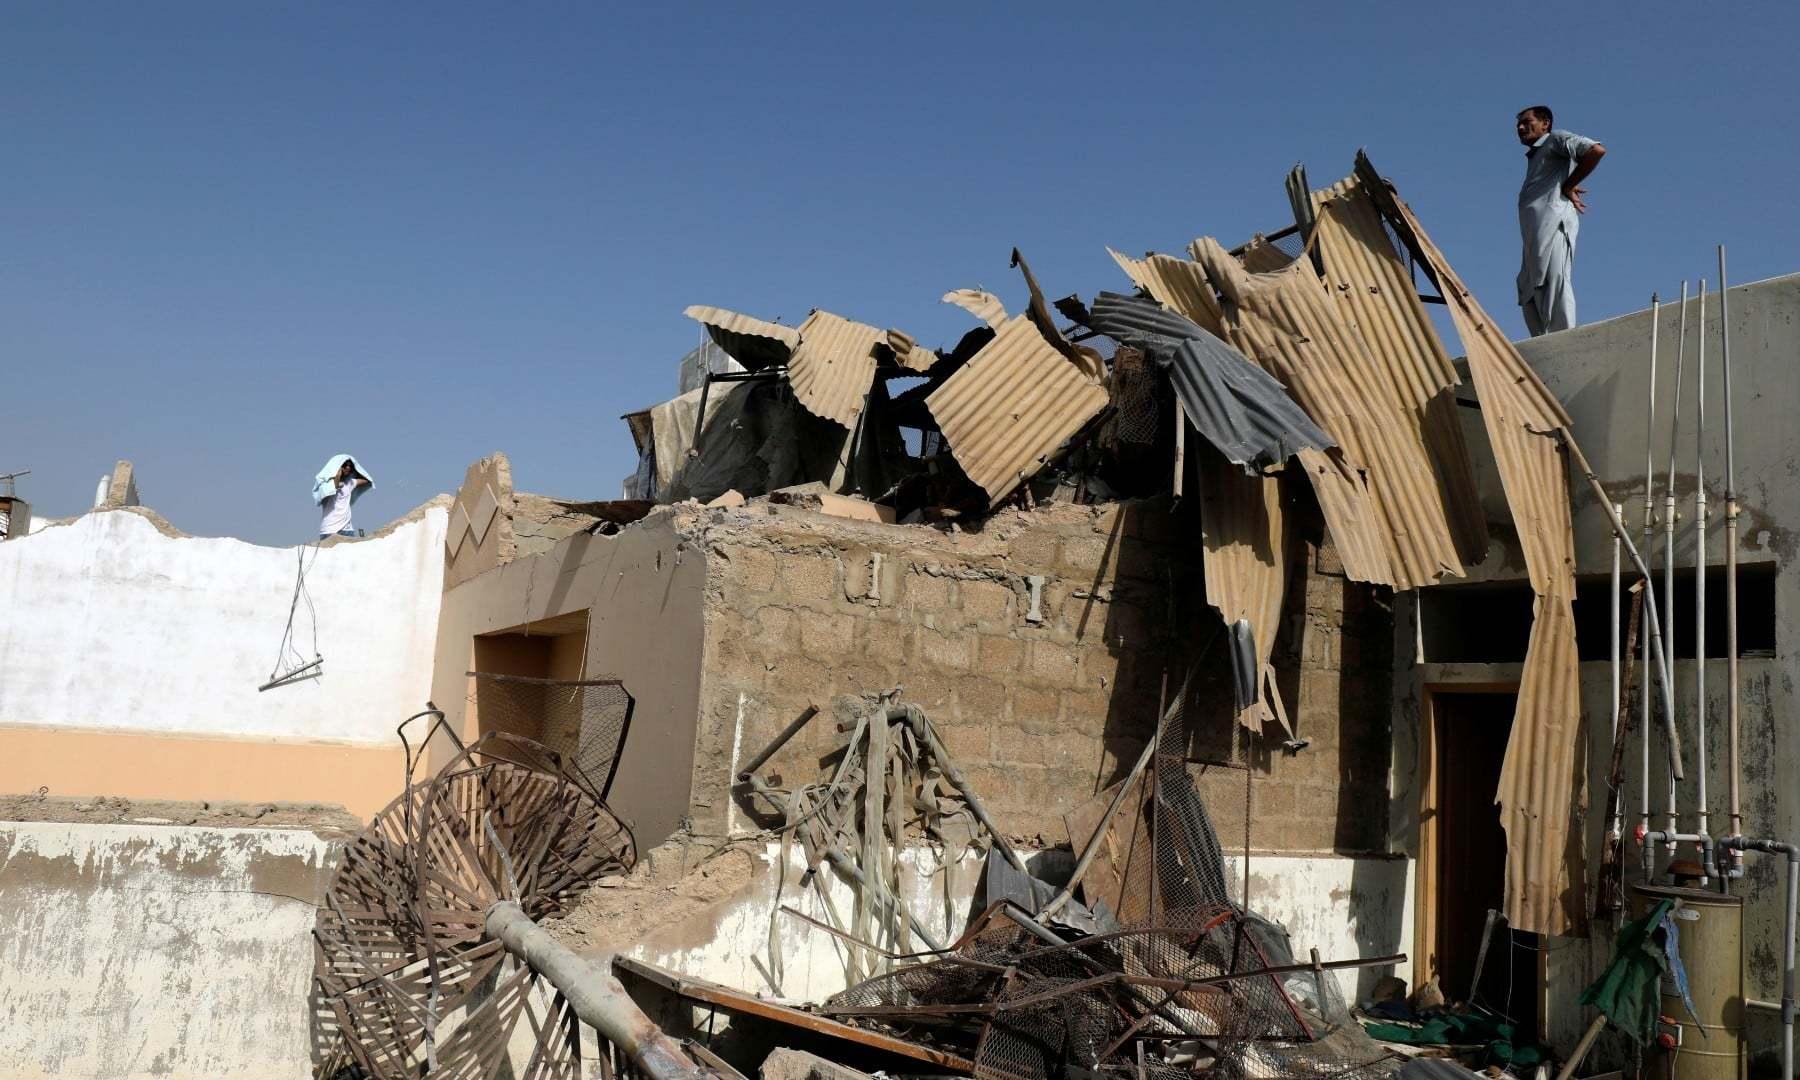 جہاز کے گرنے سے کئی گھر تباہ ہوگئے—فوٹو:رائٹرز